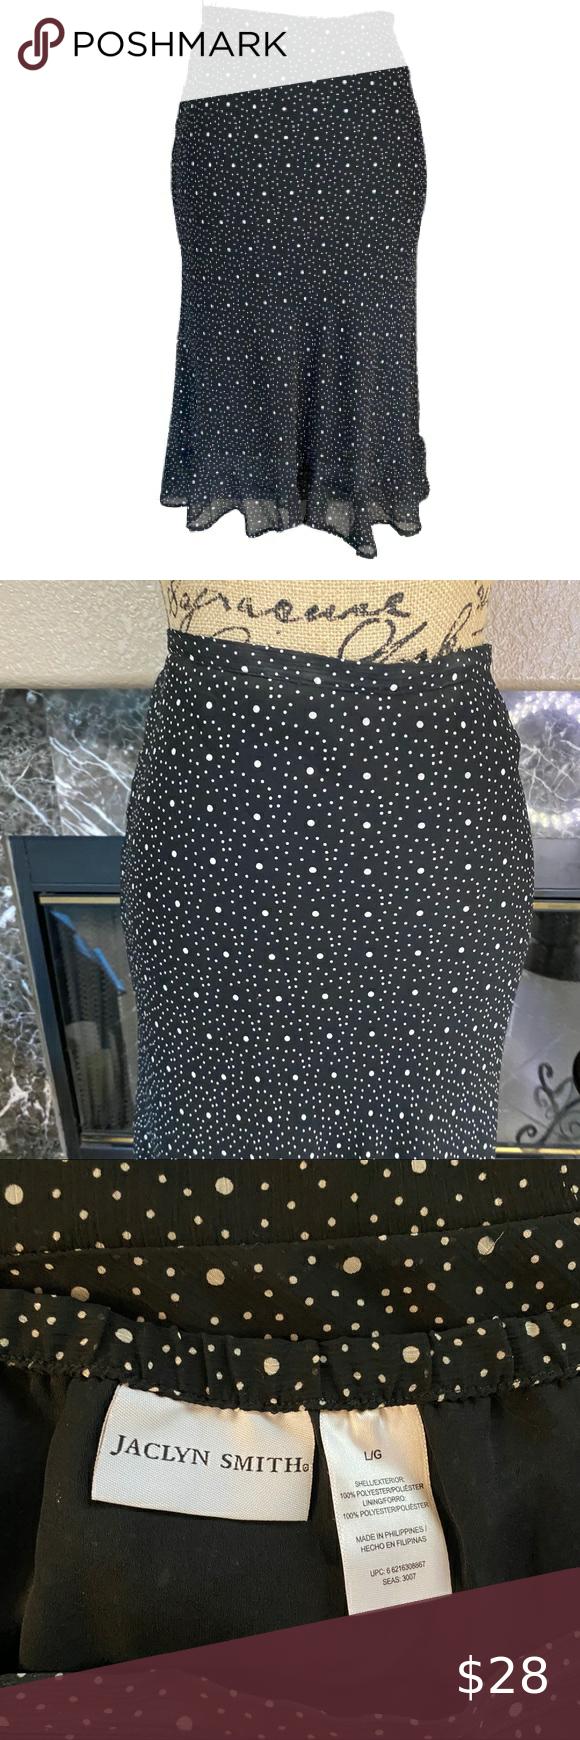 Jaclyn Smith Women S Black Skirt Size L